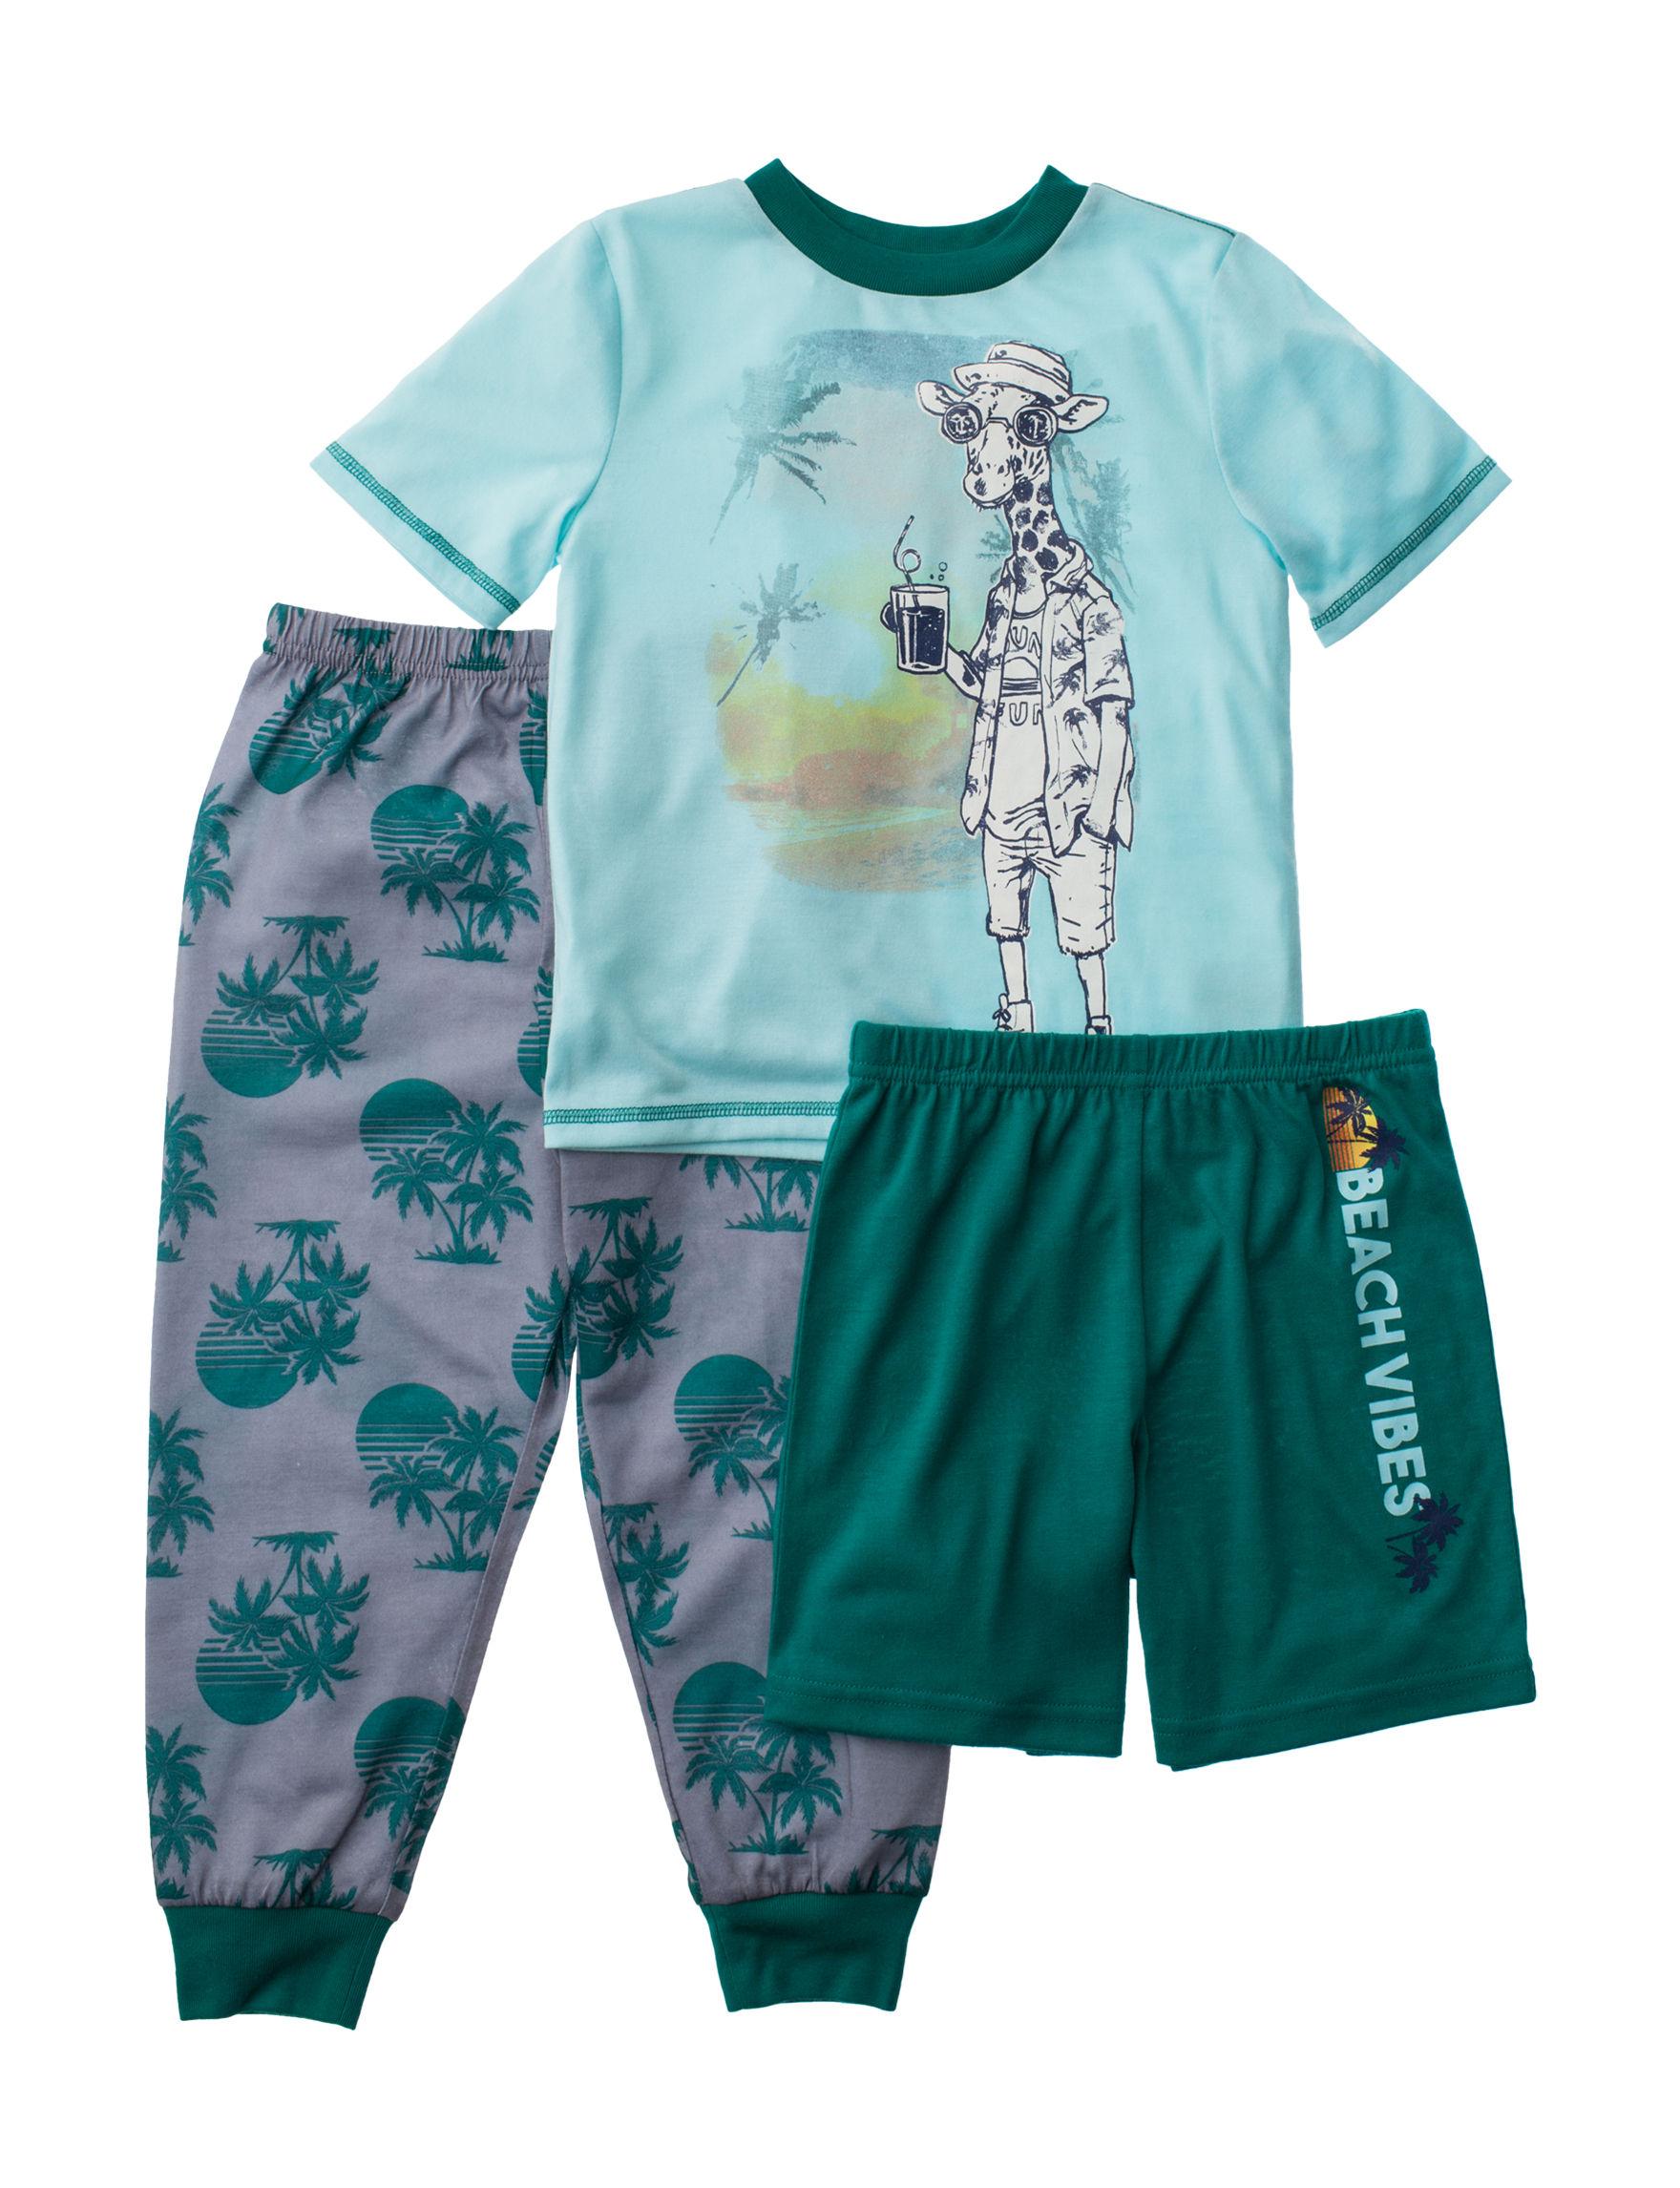 Komar Kids Green / Grey Pajama Sets